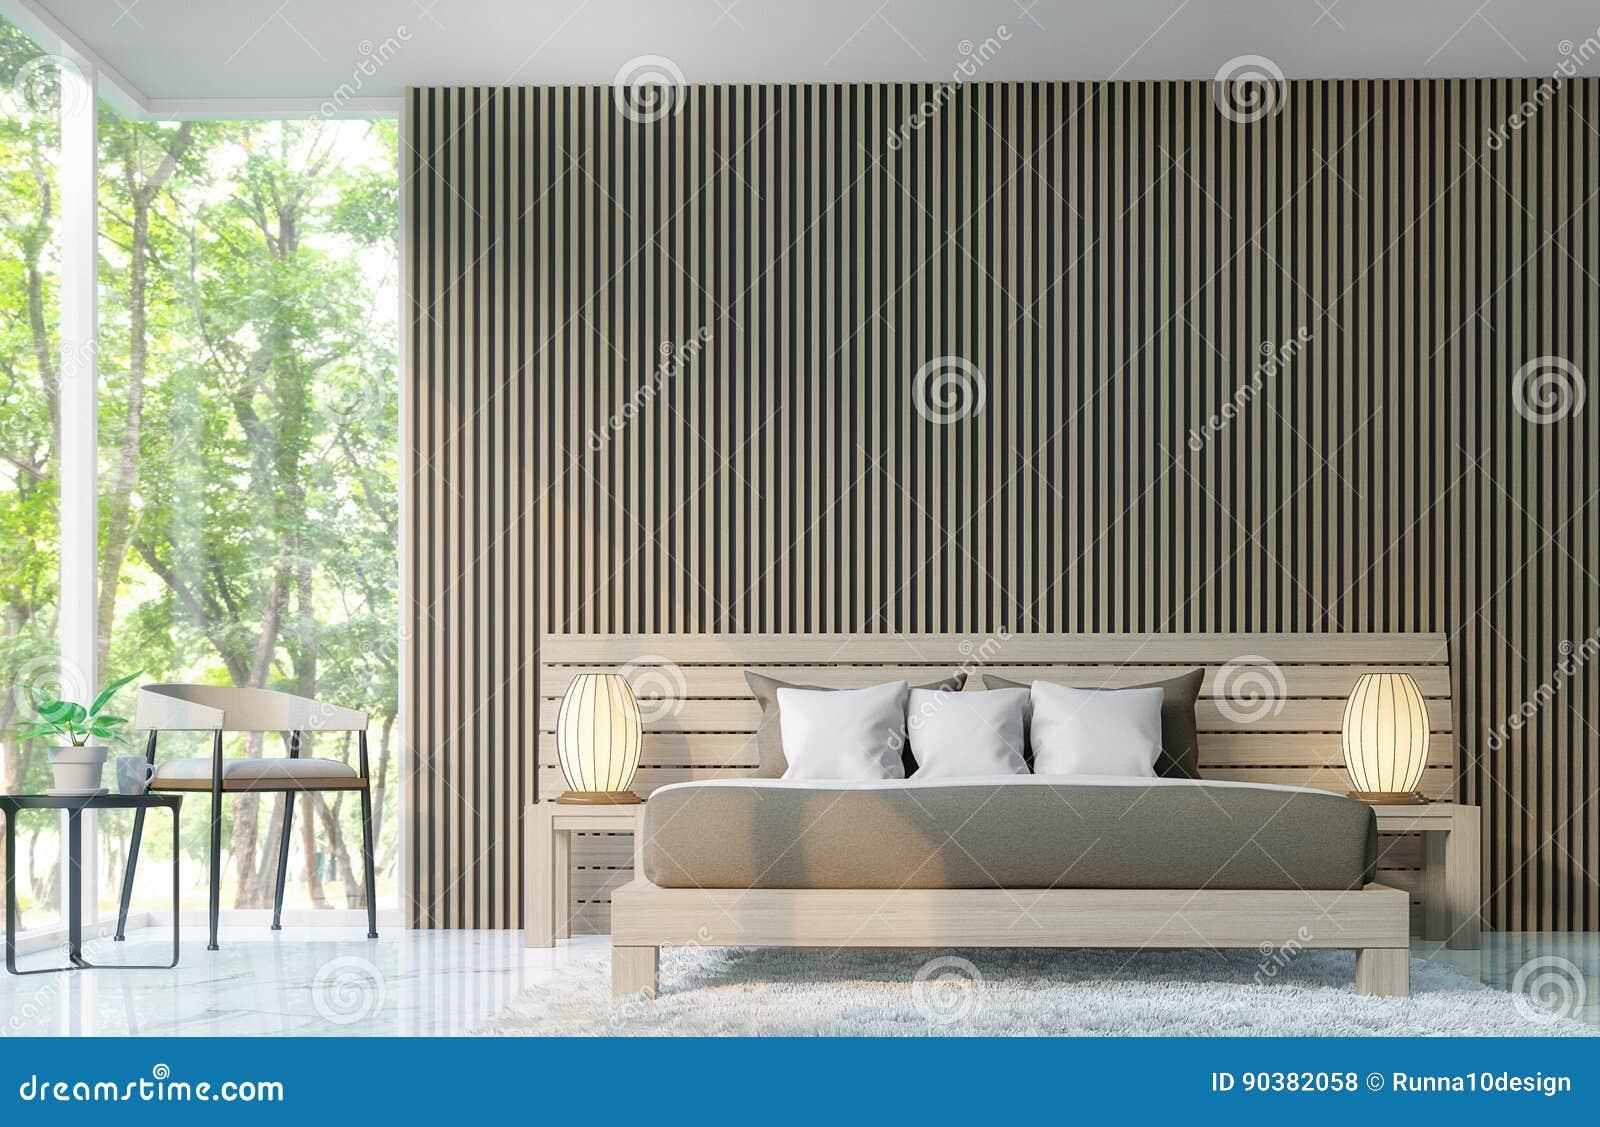 Nowozytna Sypialnia Dekoruje Sciany Z Drewnianym Kratownicy 3d